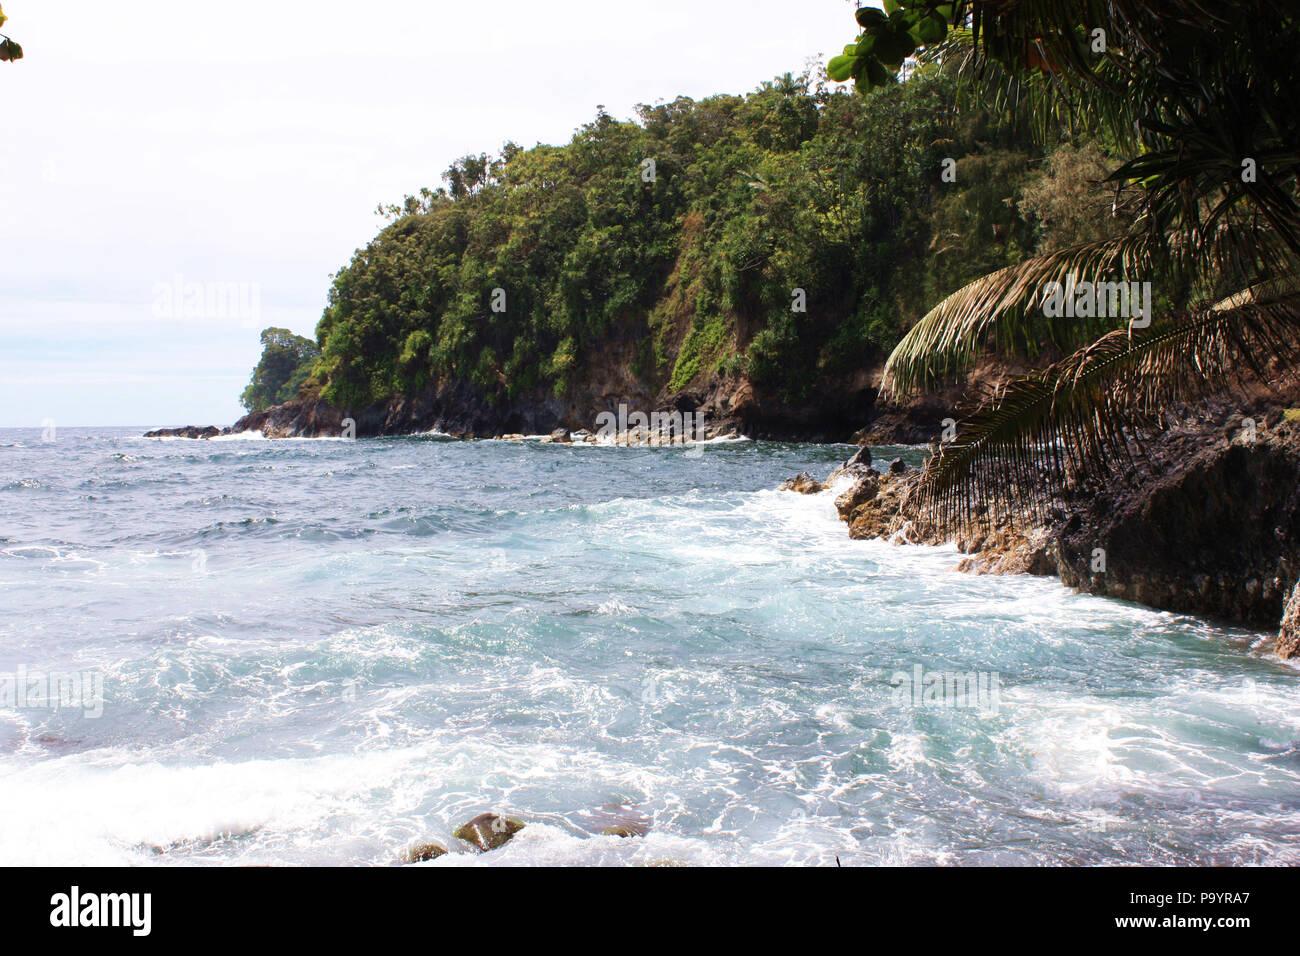 El Océano Pacífico en la Bahía Onomea en Papaikou, Hawai, bordeada de acantilados llenos de vegetación pesada Foto de stock